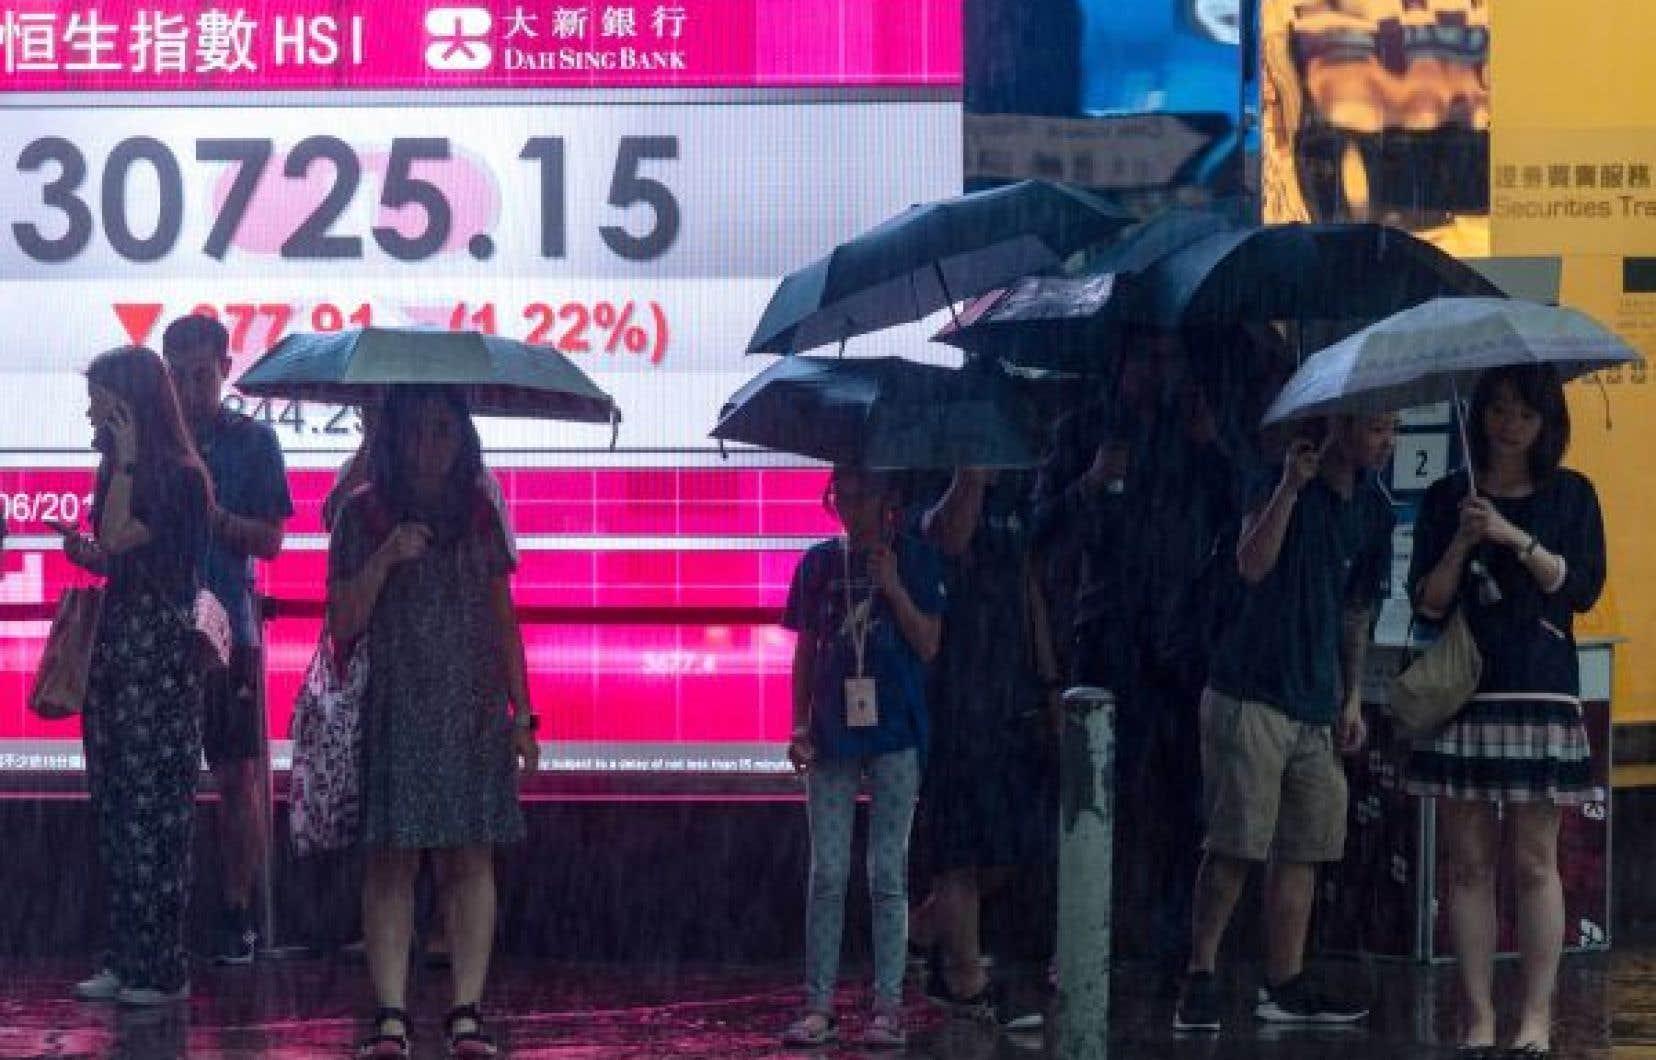 Les marchés boursiers ont piqué du nez mardi d'un bout à l'autre du globe. Le mouvement s'est amorcé en Asie, avec un recul de 2,8% de la Bourse de Hong Kong.